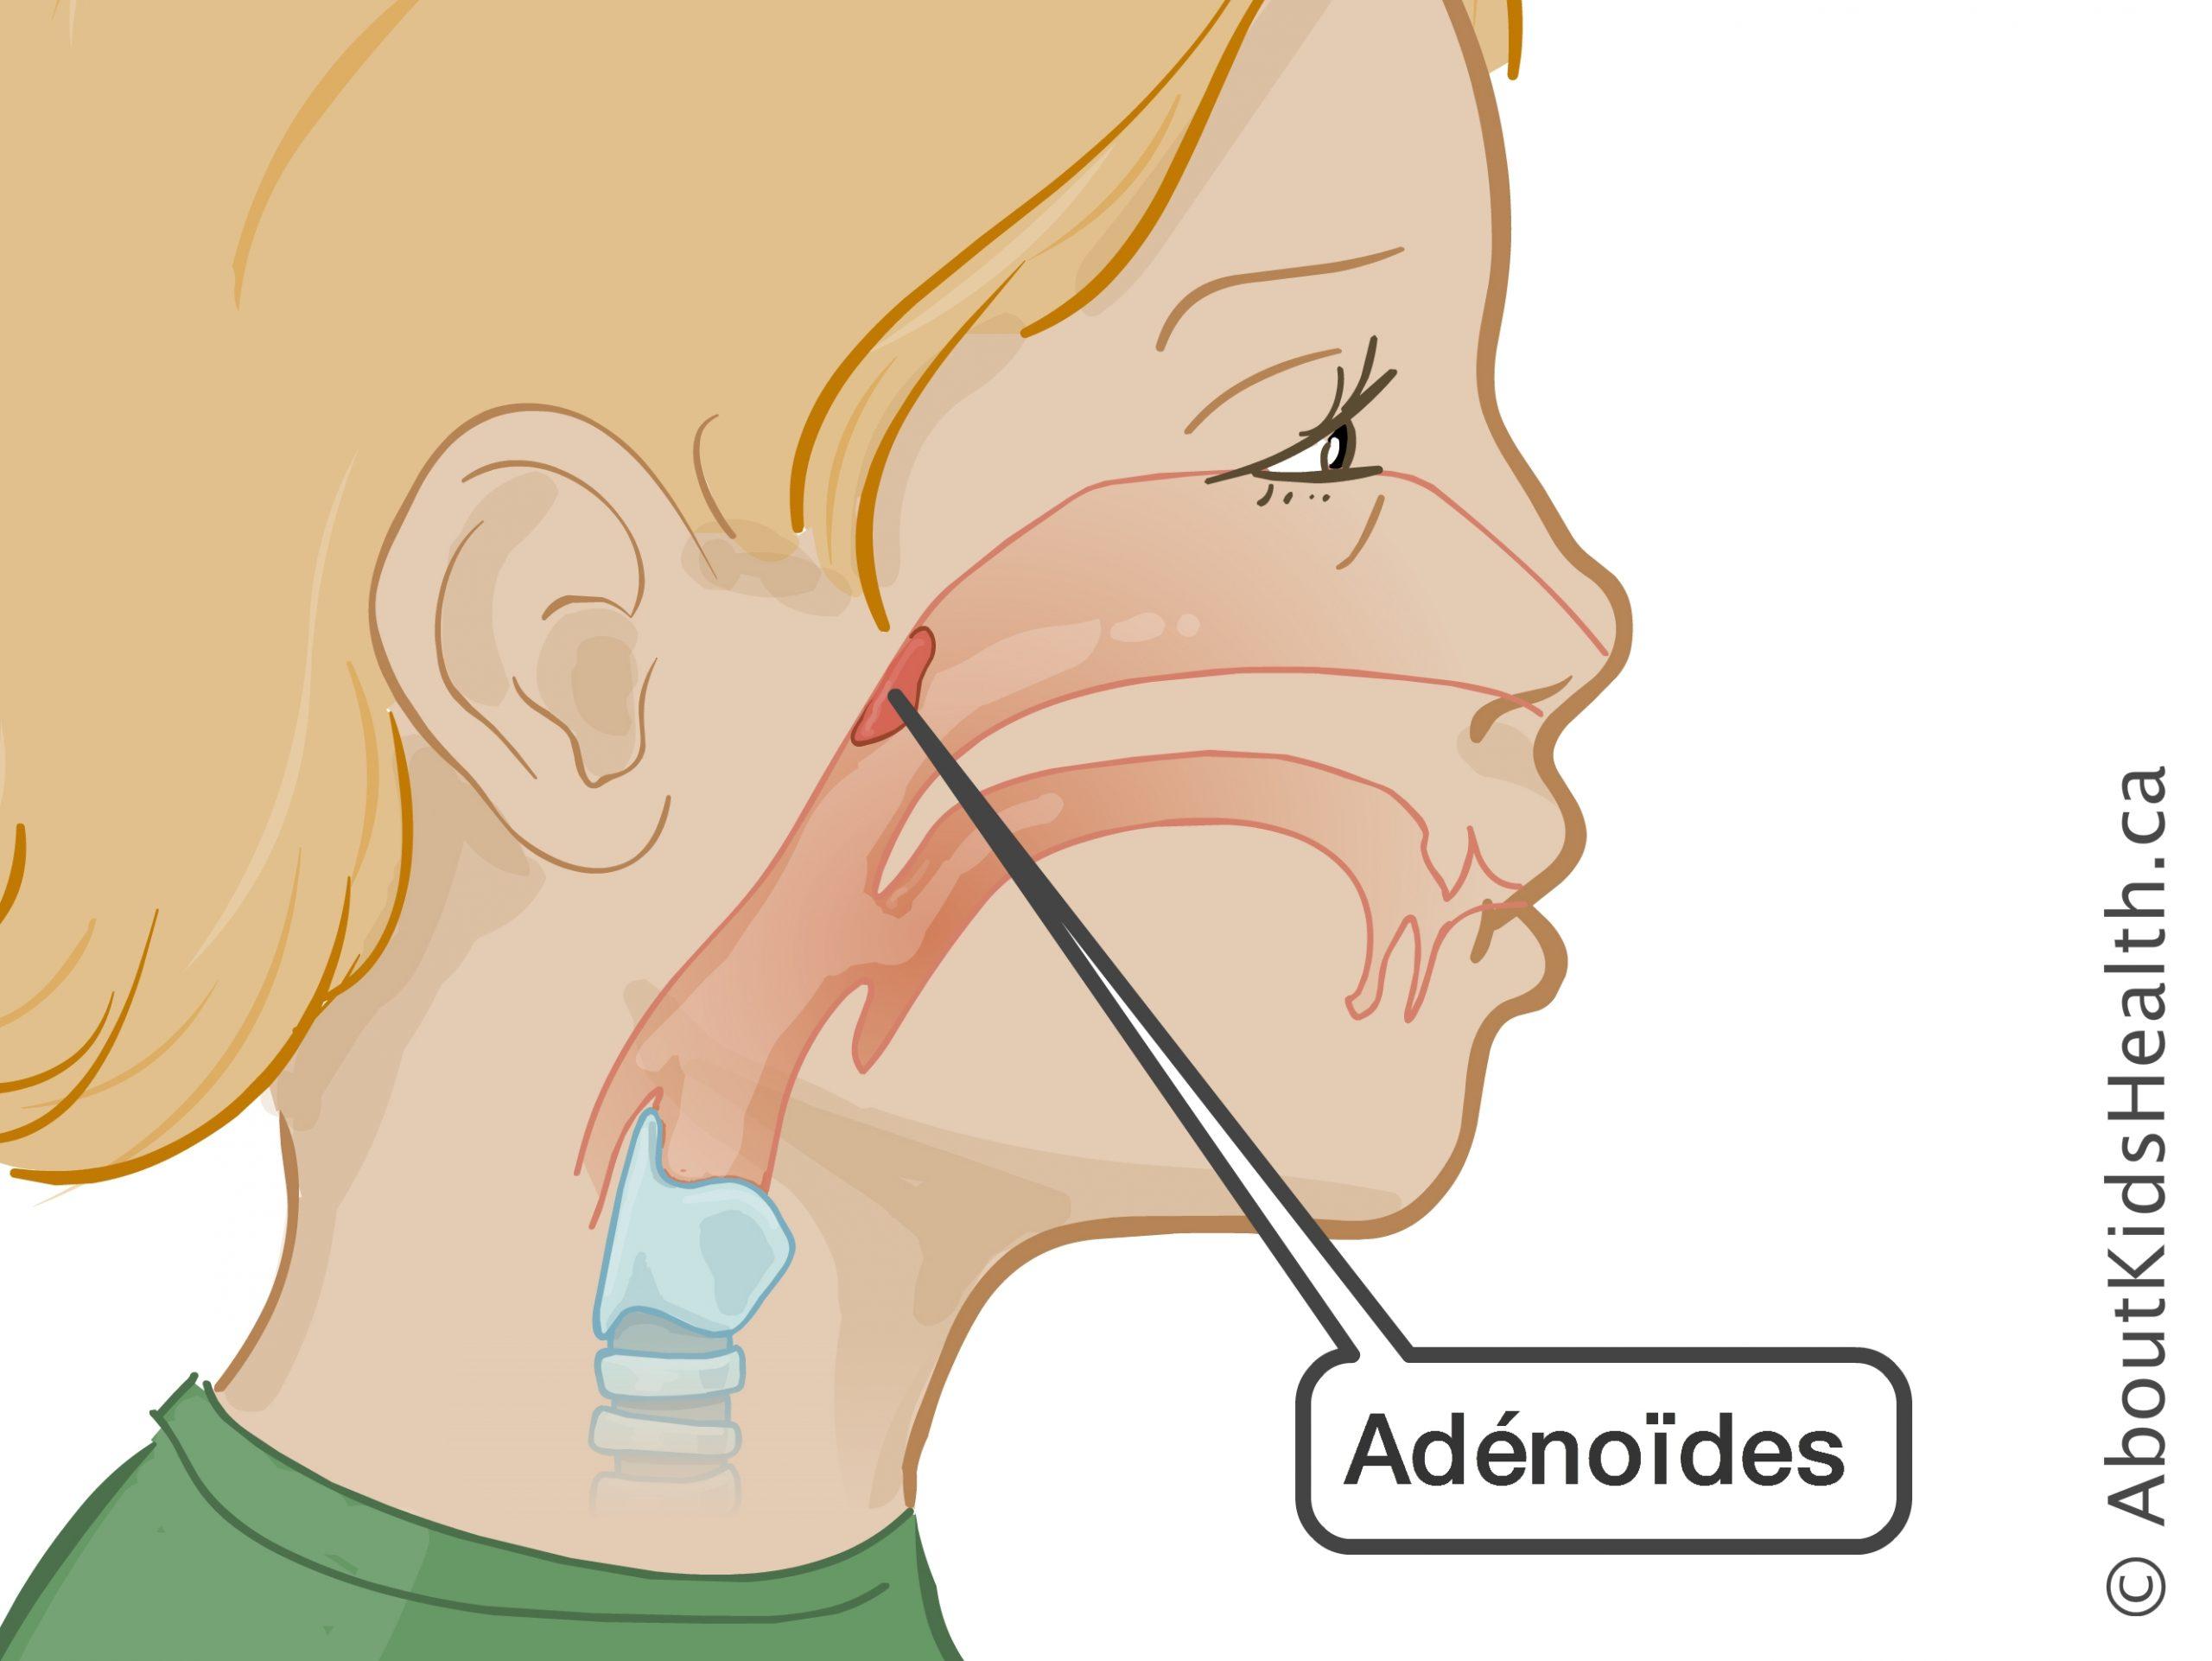 recreer-la-sinusite-les-vegetations-adenoides-et-le-reflux-peuvent-egalement-etre-causes-scaled.jpg.jpg